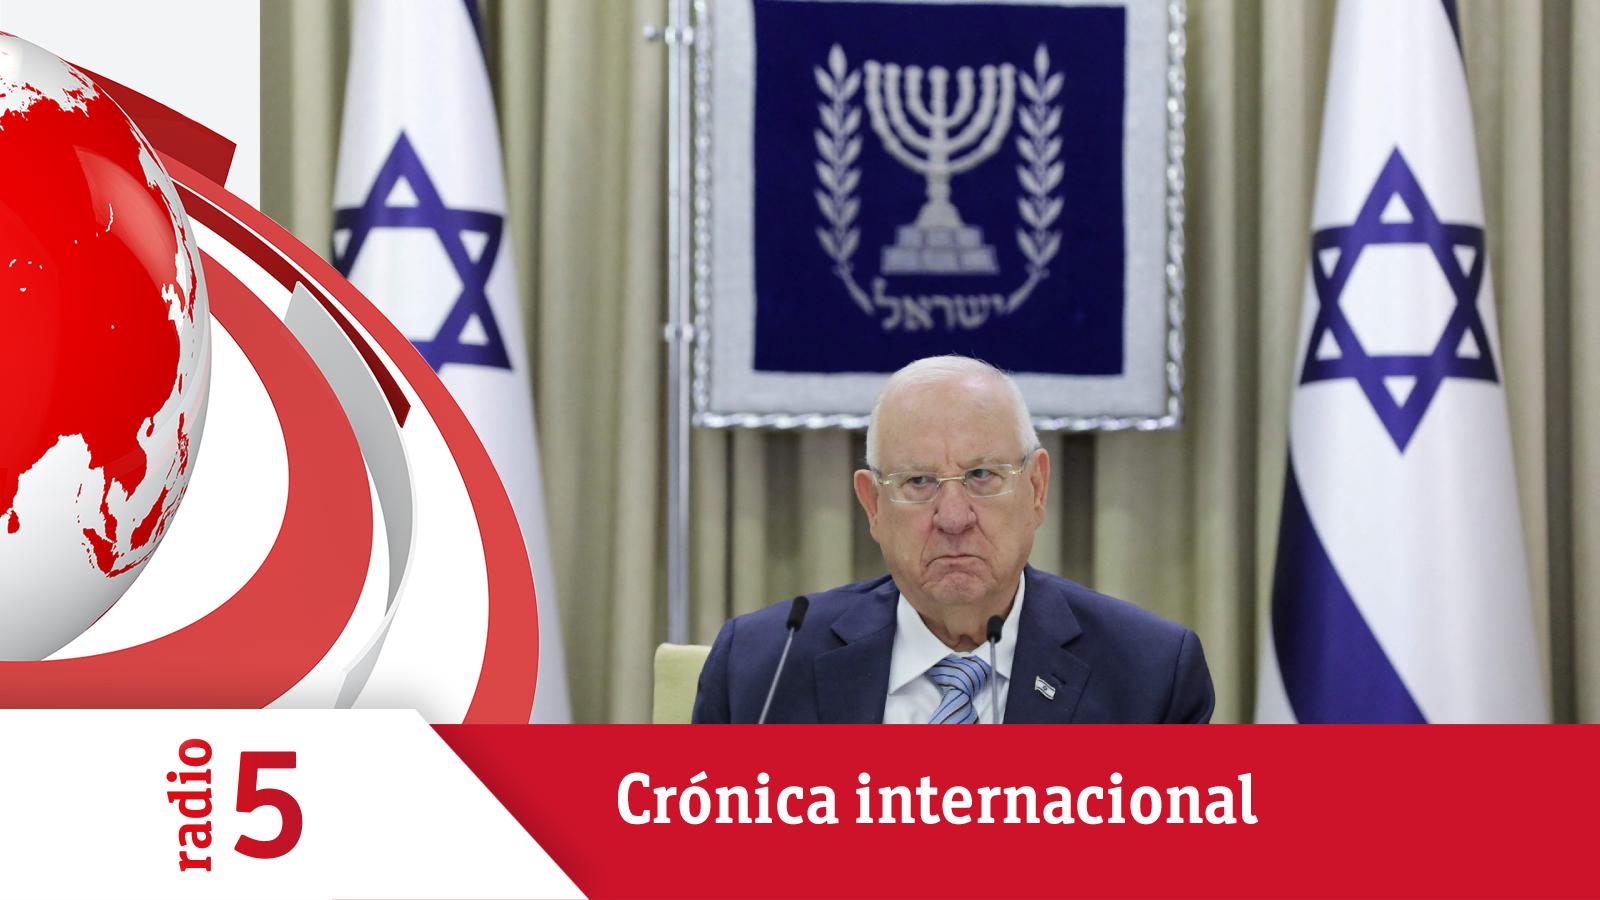 Crónica Internacional - Israel continúa en el bloqueo político - Escuchar ahora